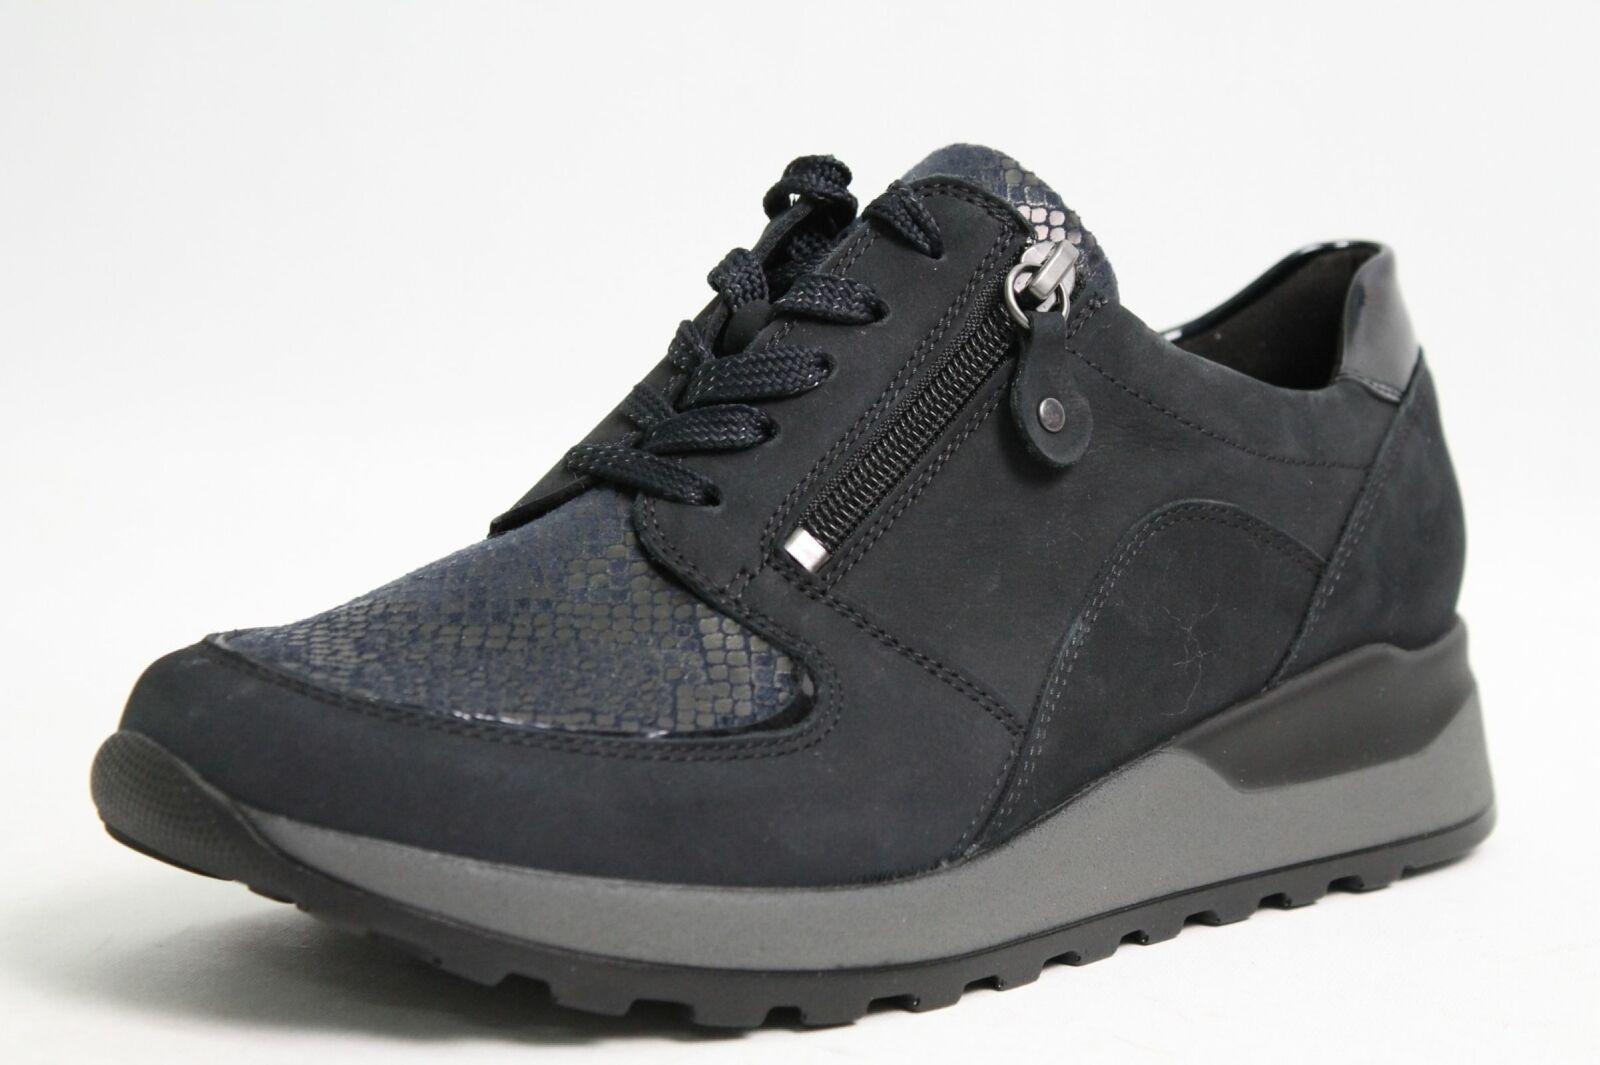 Waldläufer Schuhe blau Nubuk Leder komfort Wechselfußbett Damen Schuhweite H